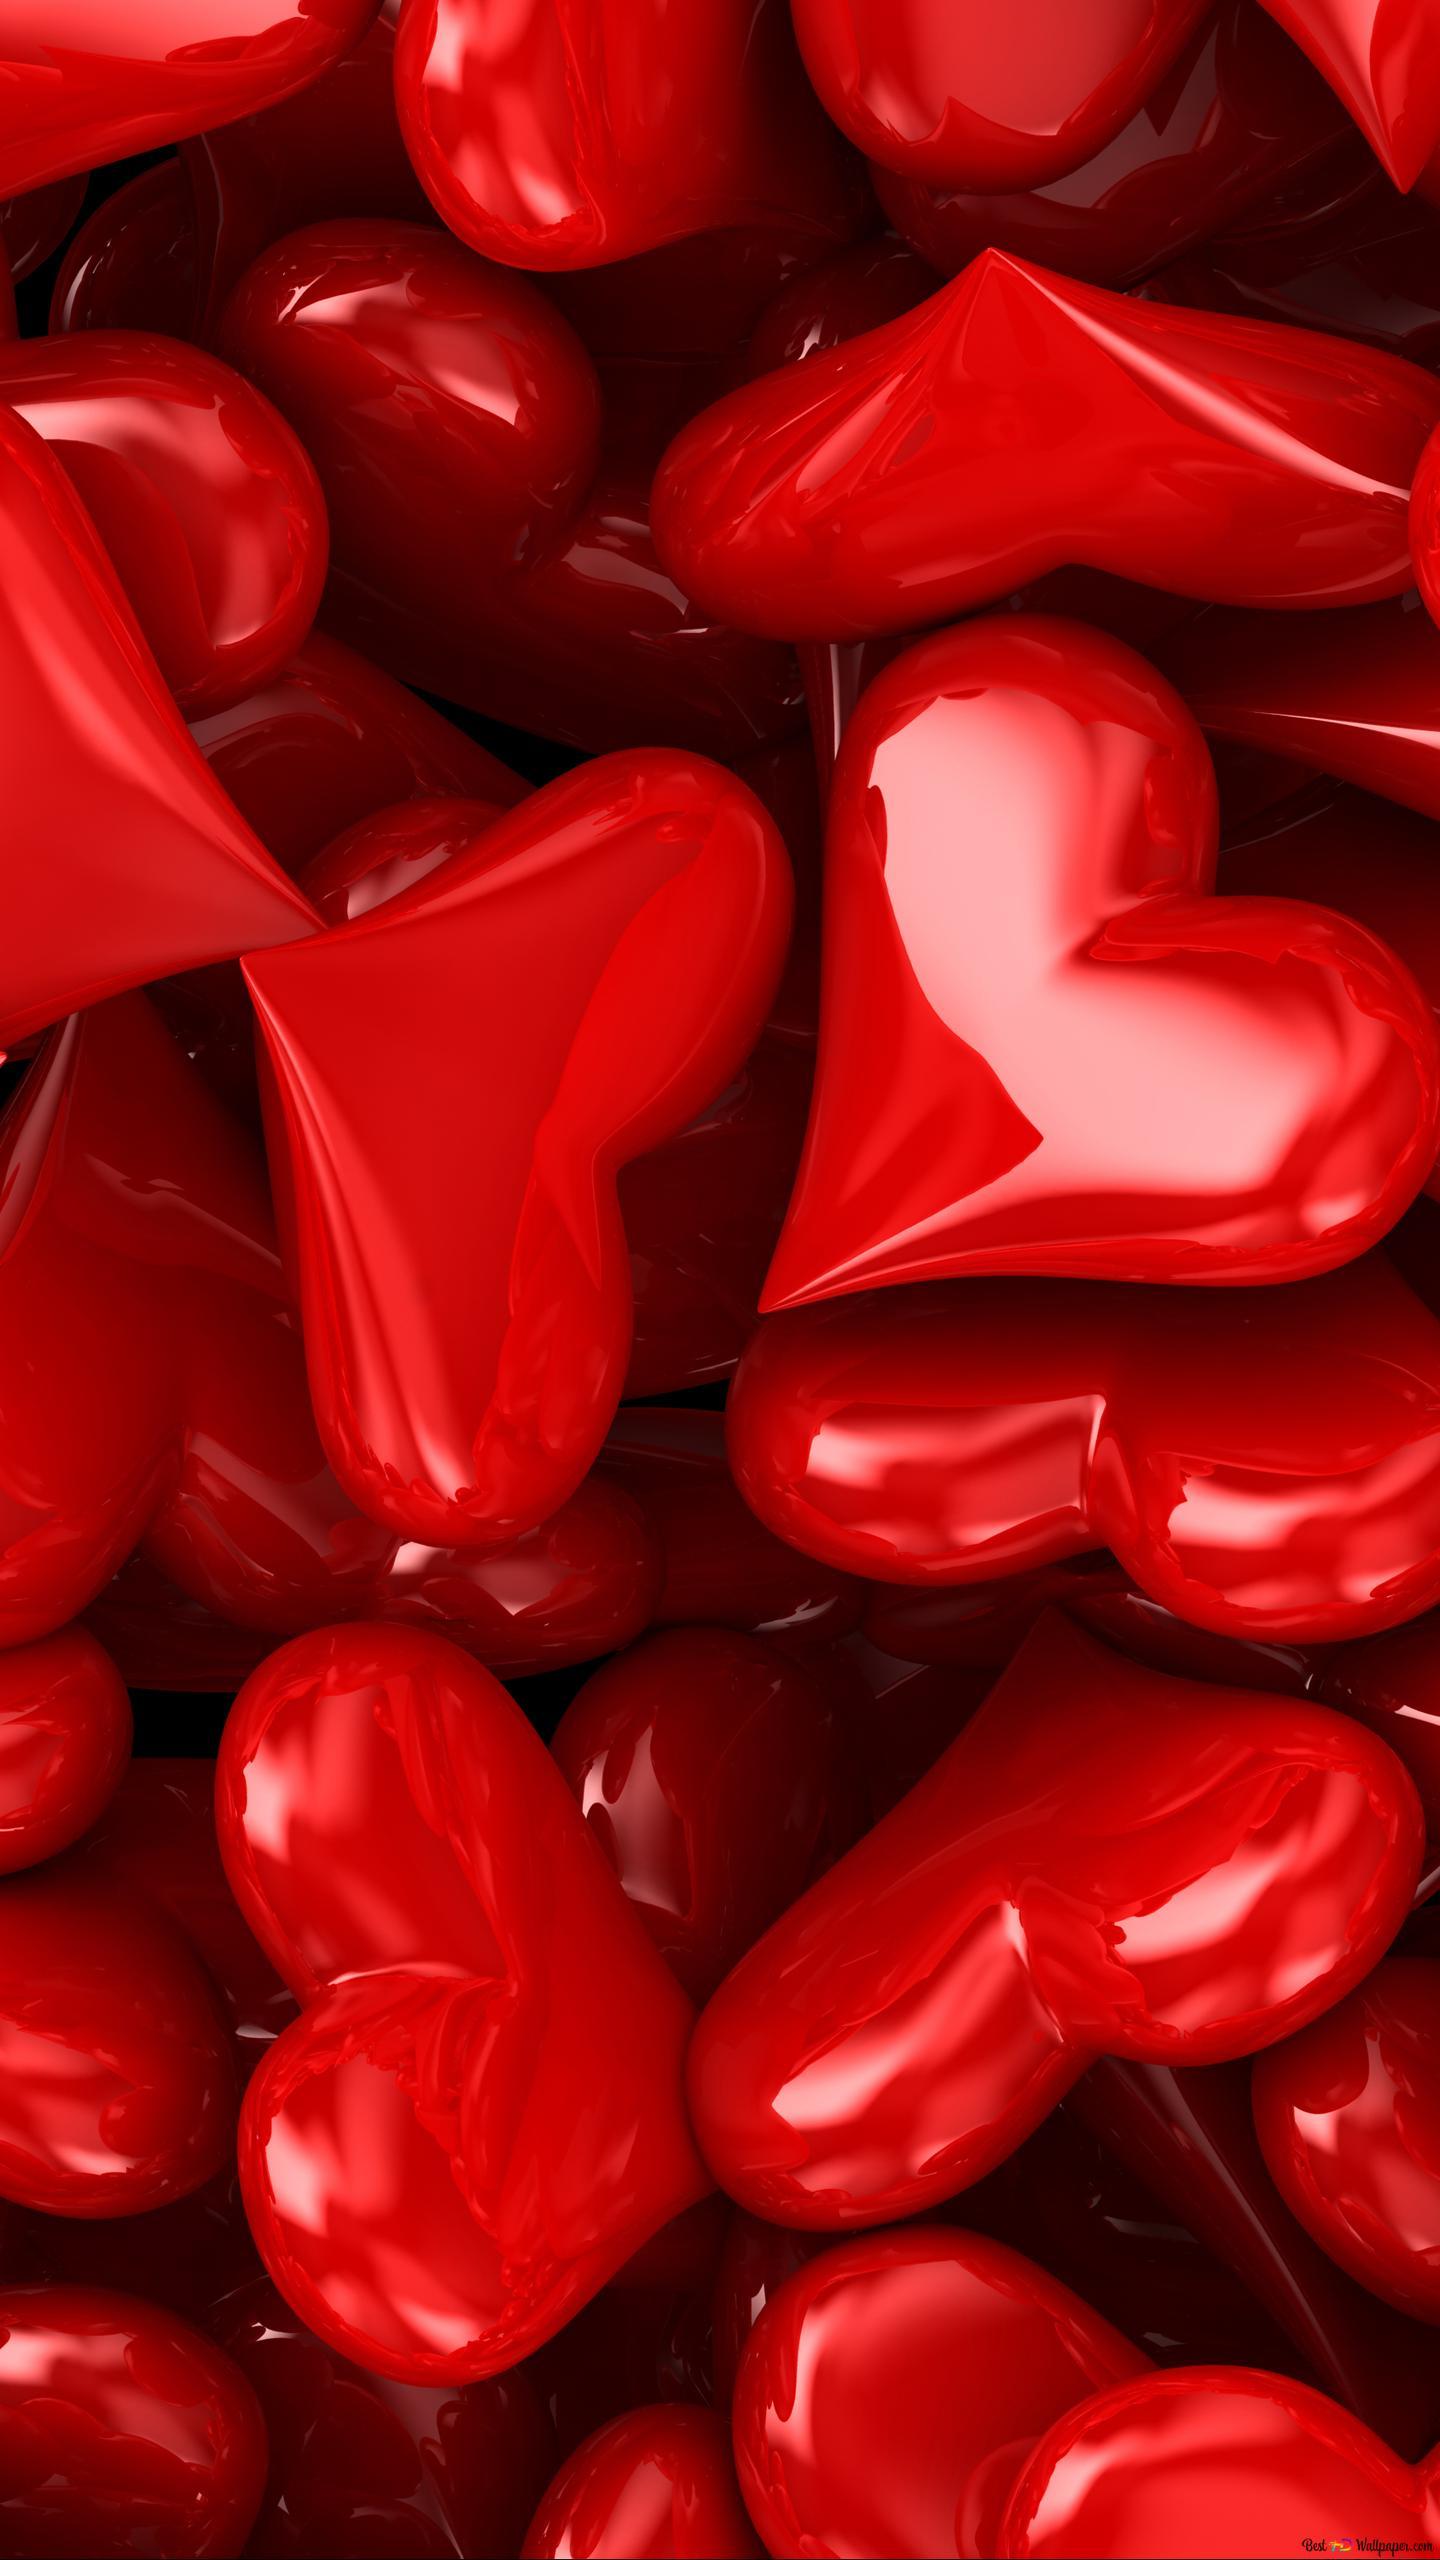 バレンタインデー 芸術的赤いハートのキャンディー Hd壁紙のダウンロード